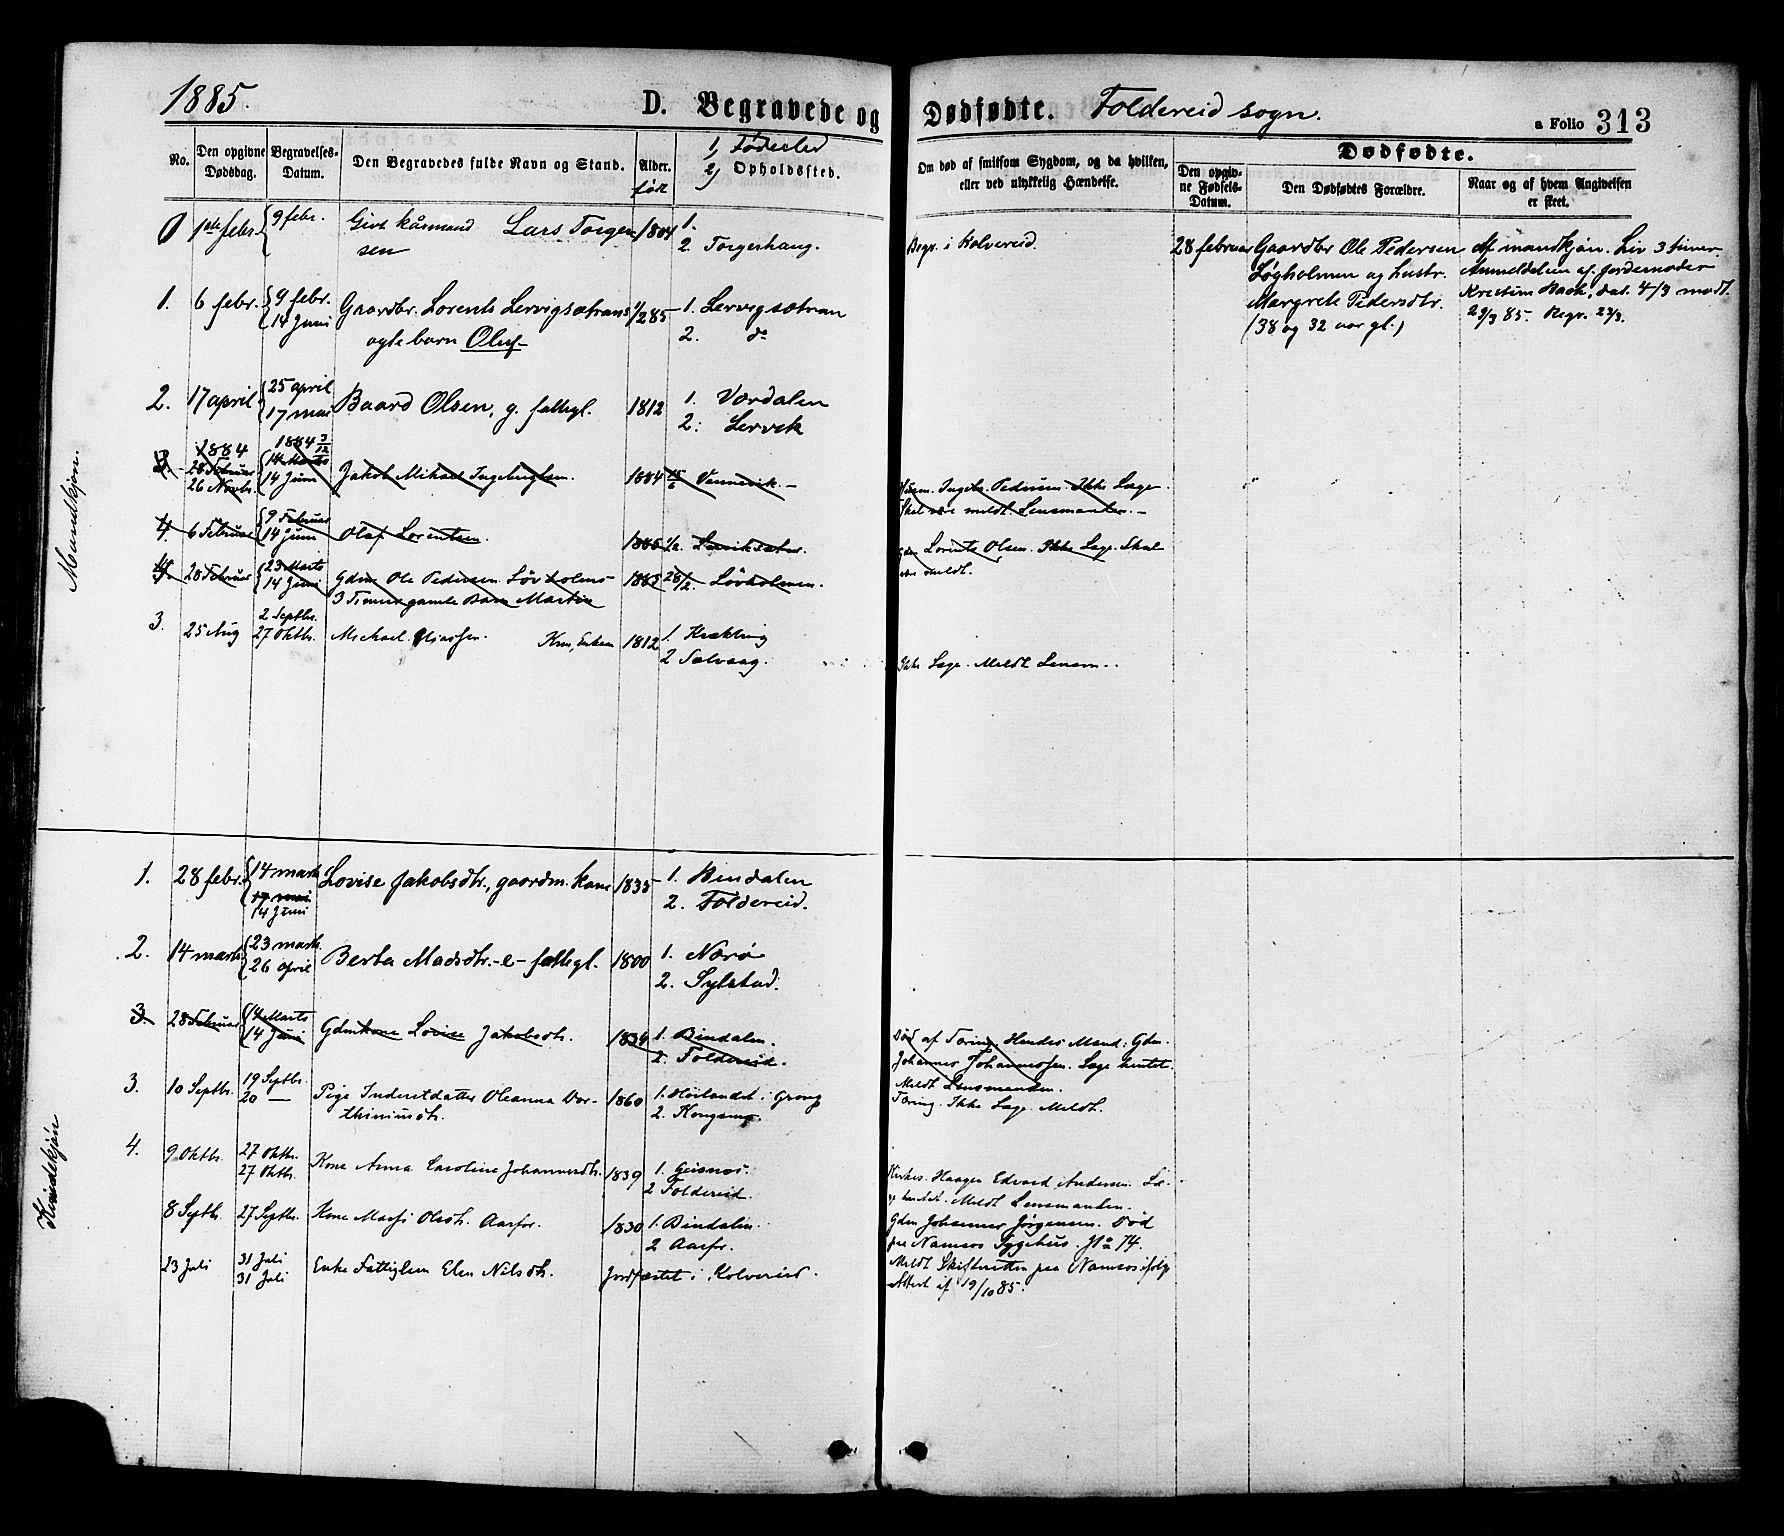 SAT, Ministerialprotokoller, klokkerbøker og fødselsregistre - Nord-Trøndelag, 780/L0642: Parish register (official) no. 780A07 /2, 1878-1885, p. 313